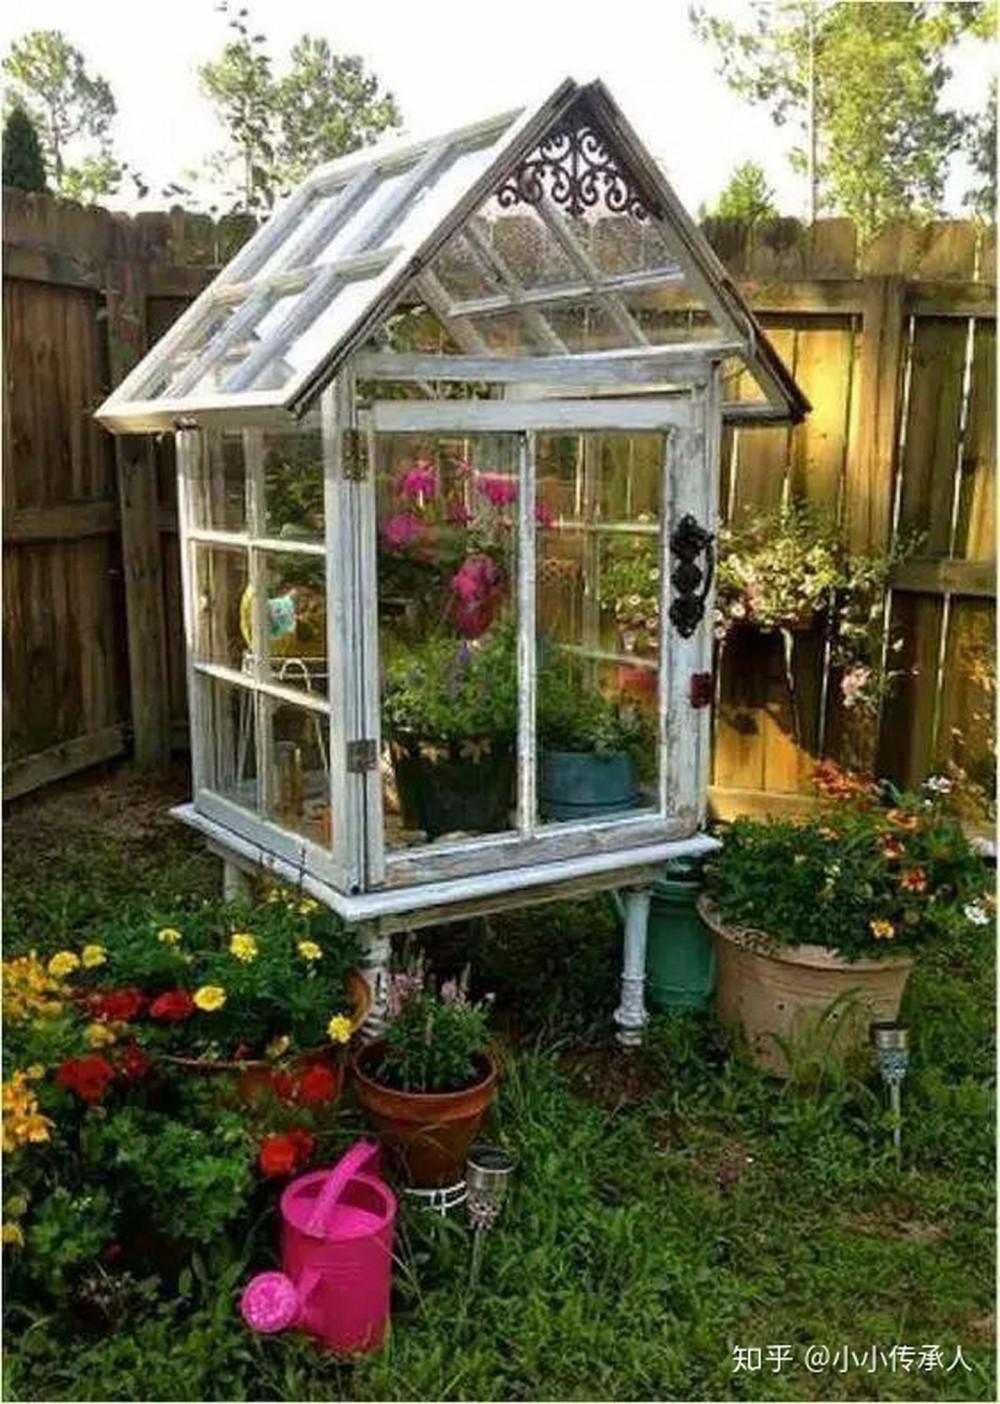 Hình 6. Một nhà kính lớn thu nhỏ được lắp ghép hoàn toàn từ 6 khung cửa sổ cũ với rất nhiều chậu cây được trồng bên trong ngát hương thơm trở thành tiểu cảnh cho sân vườn.